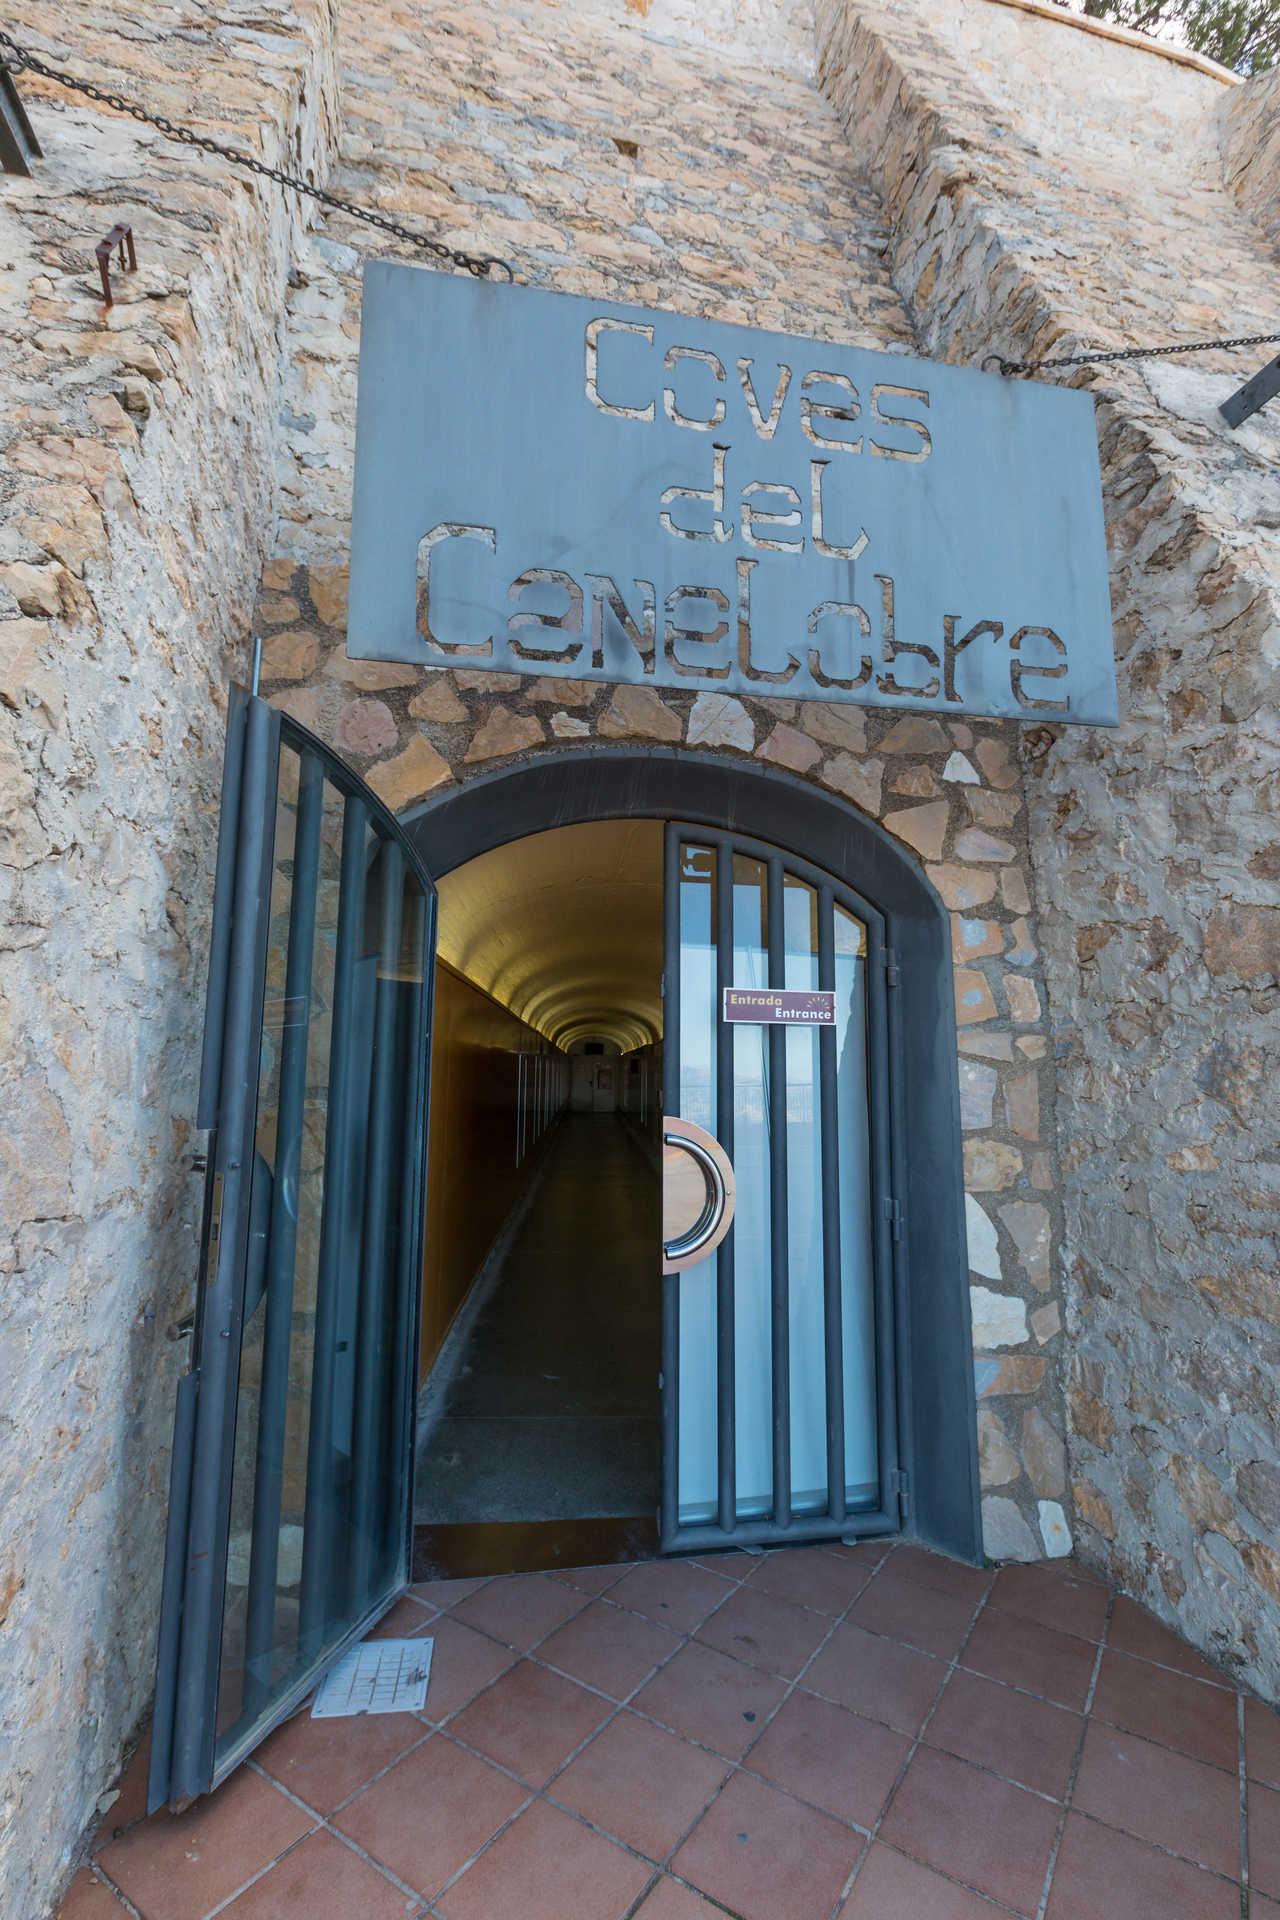 Cuevas del Canelobre